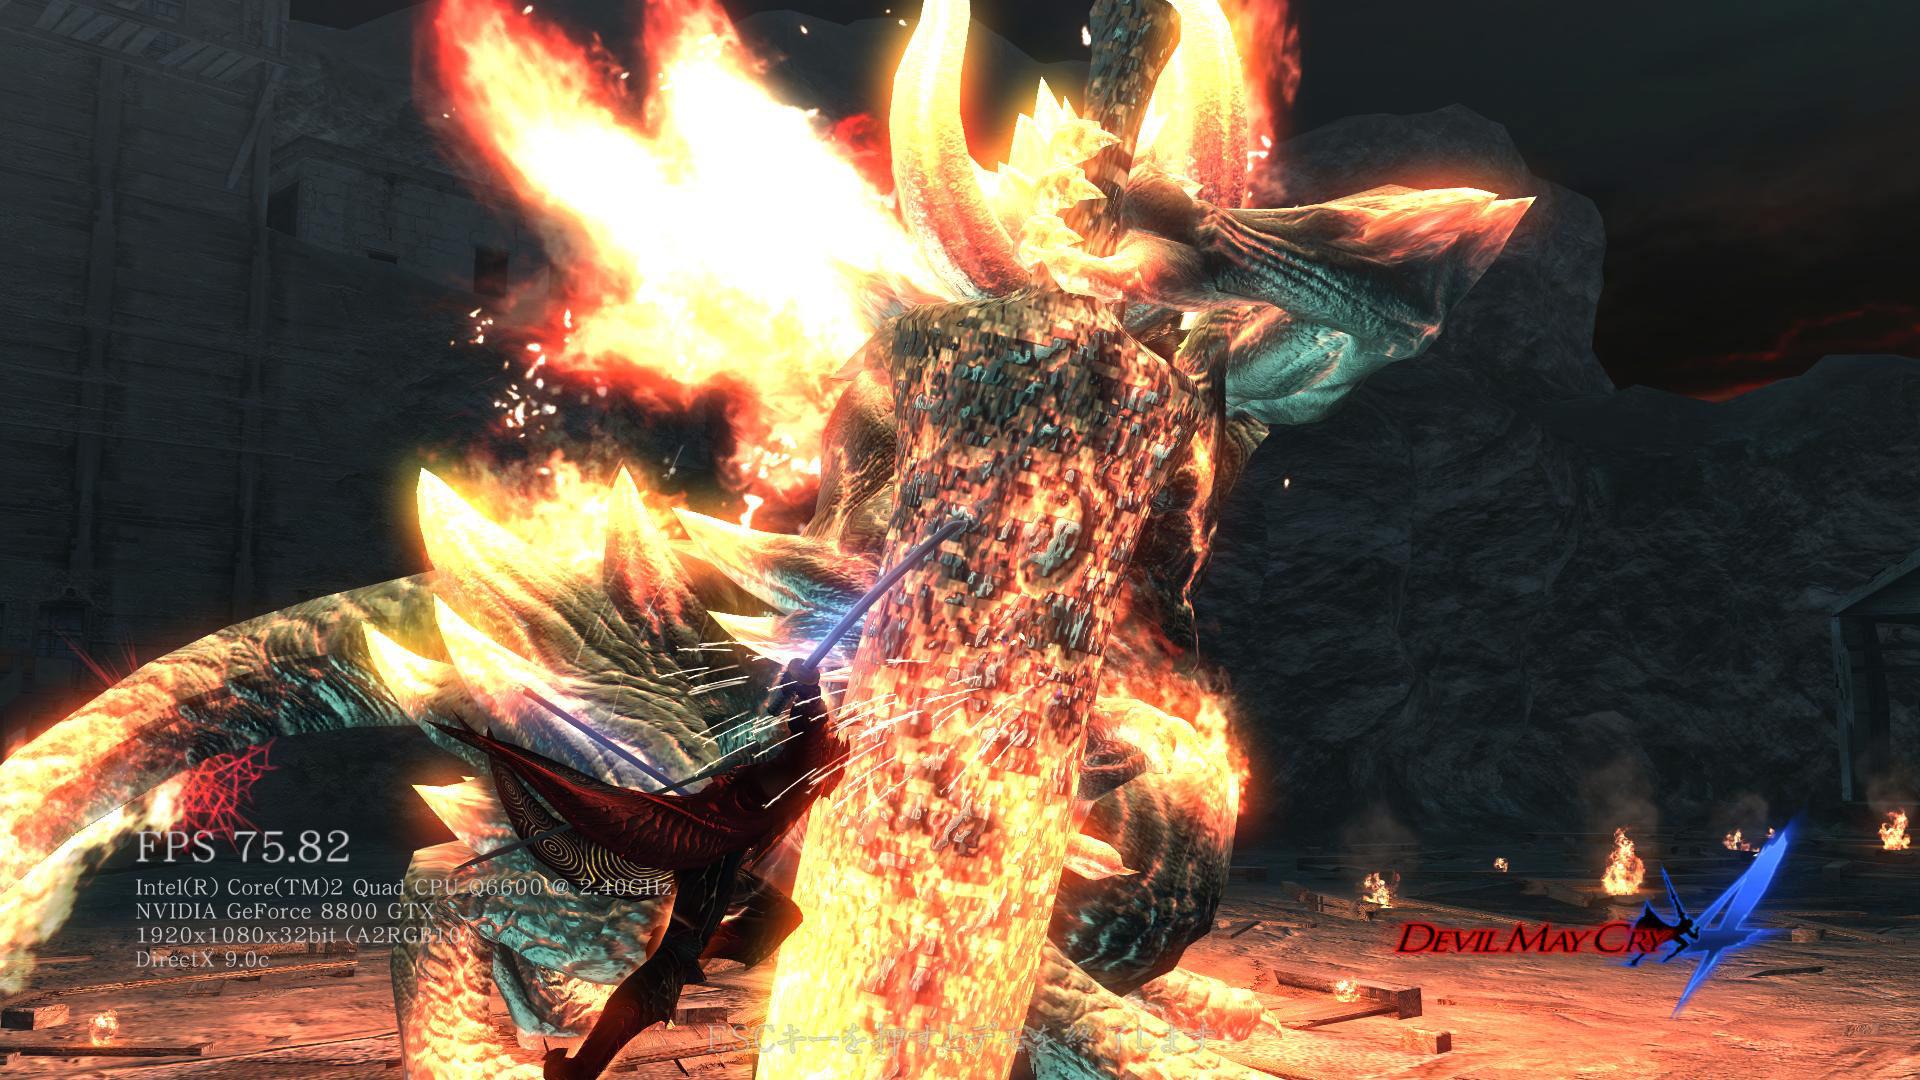 Devil May Cry 4 screenshot